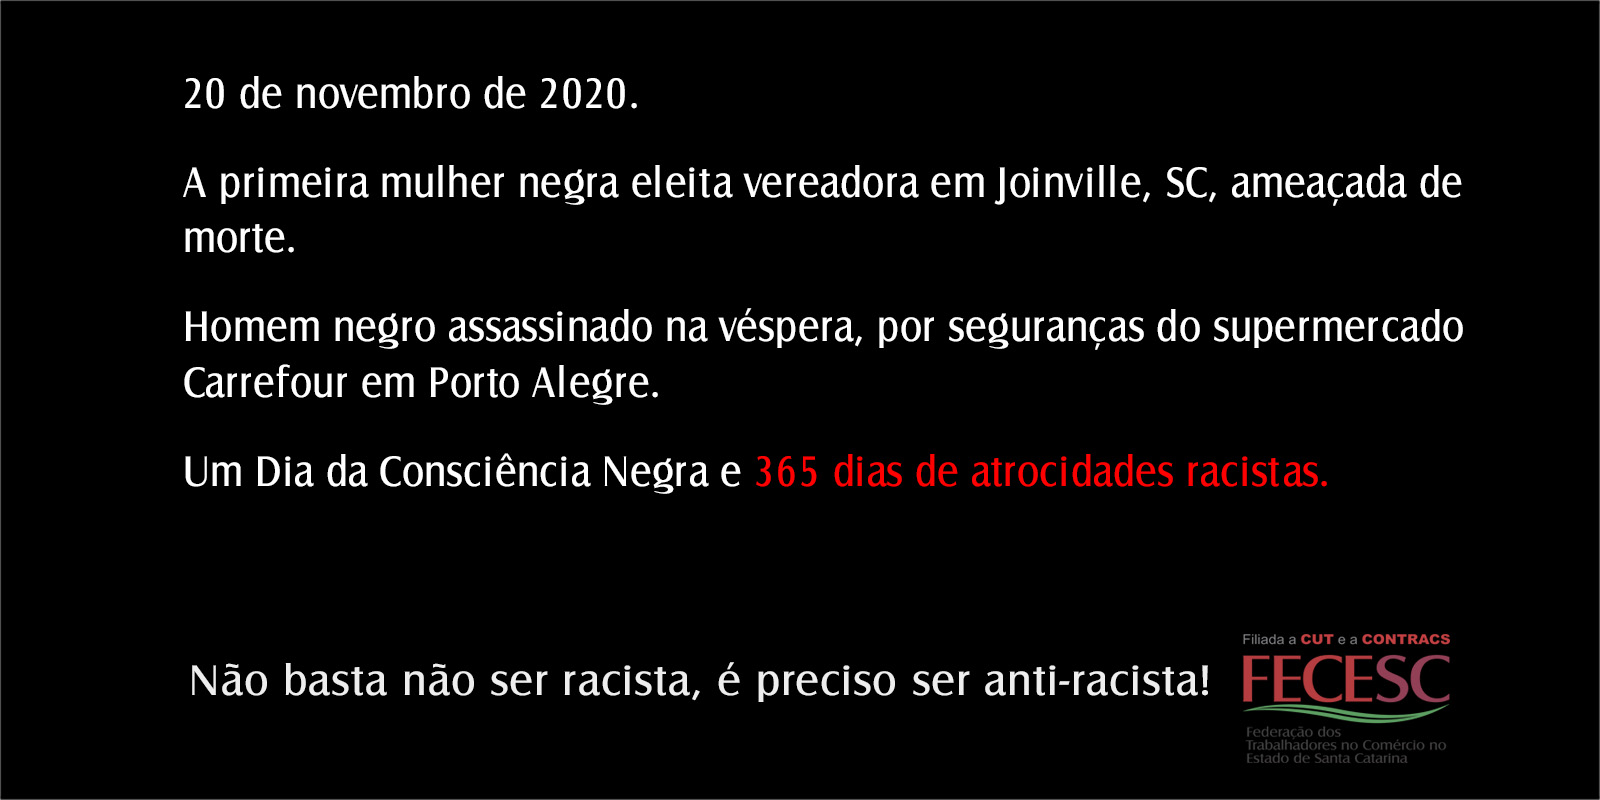 20 de novembro – Dia da Consciência Negra